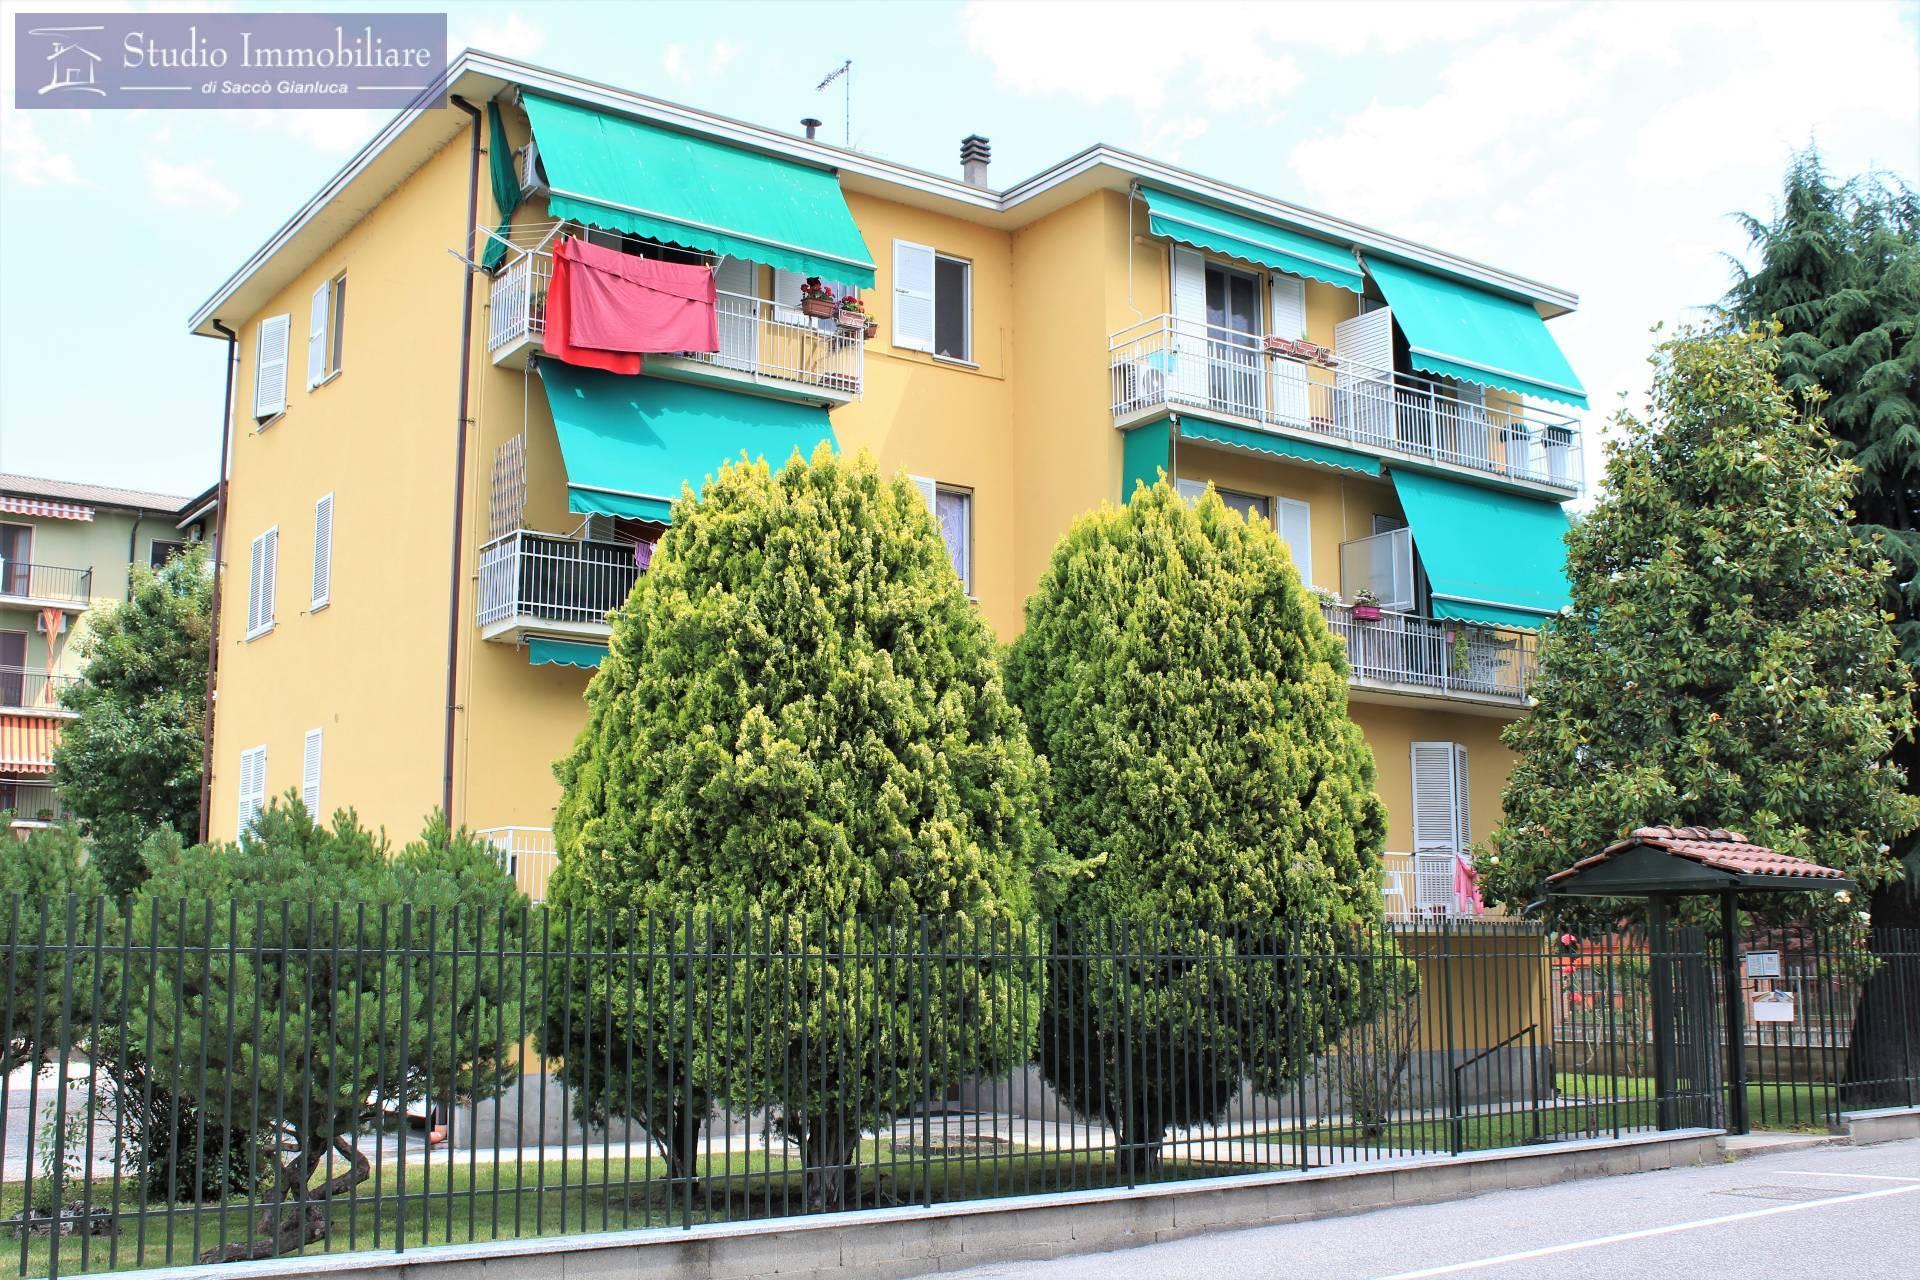 Appartamento in vendita a Lungavilla, 2 locali, prezzo € 45.000 | CambioCasa.it